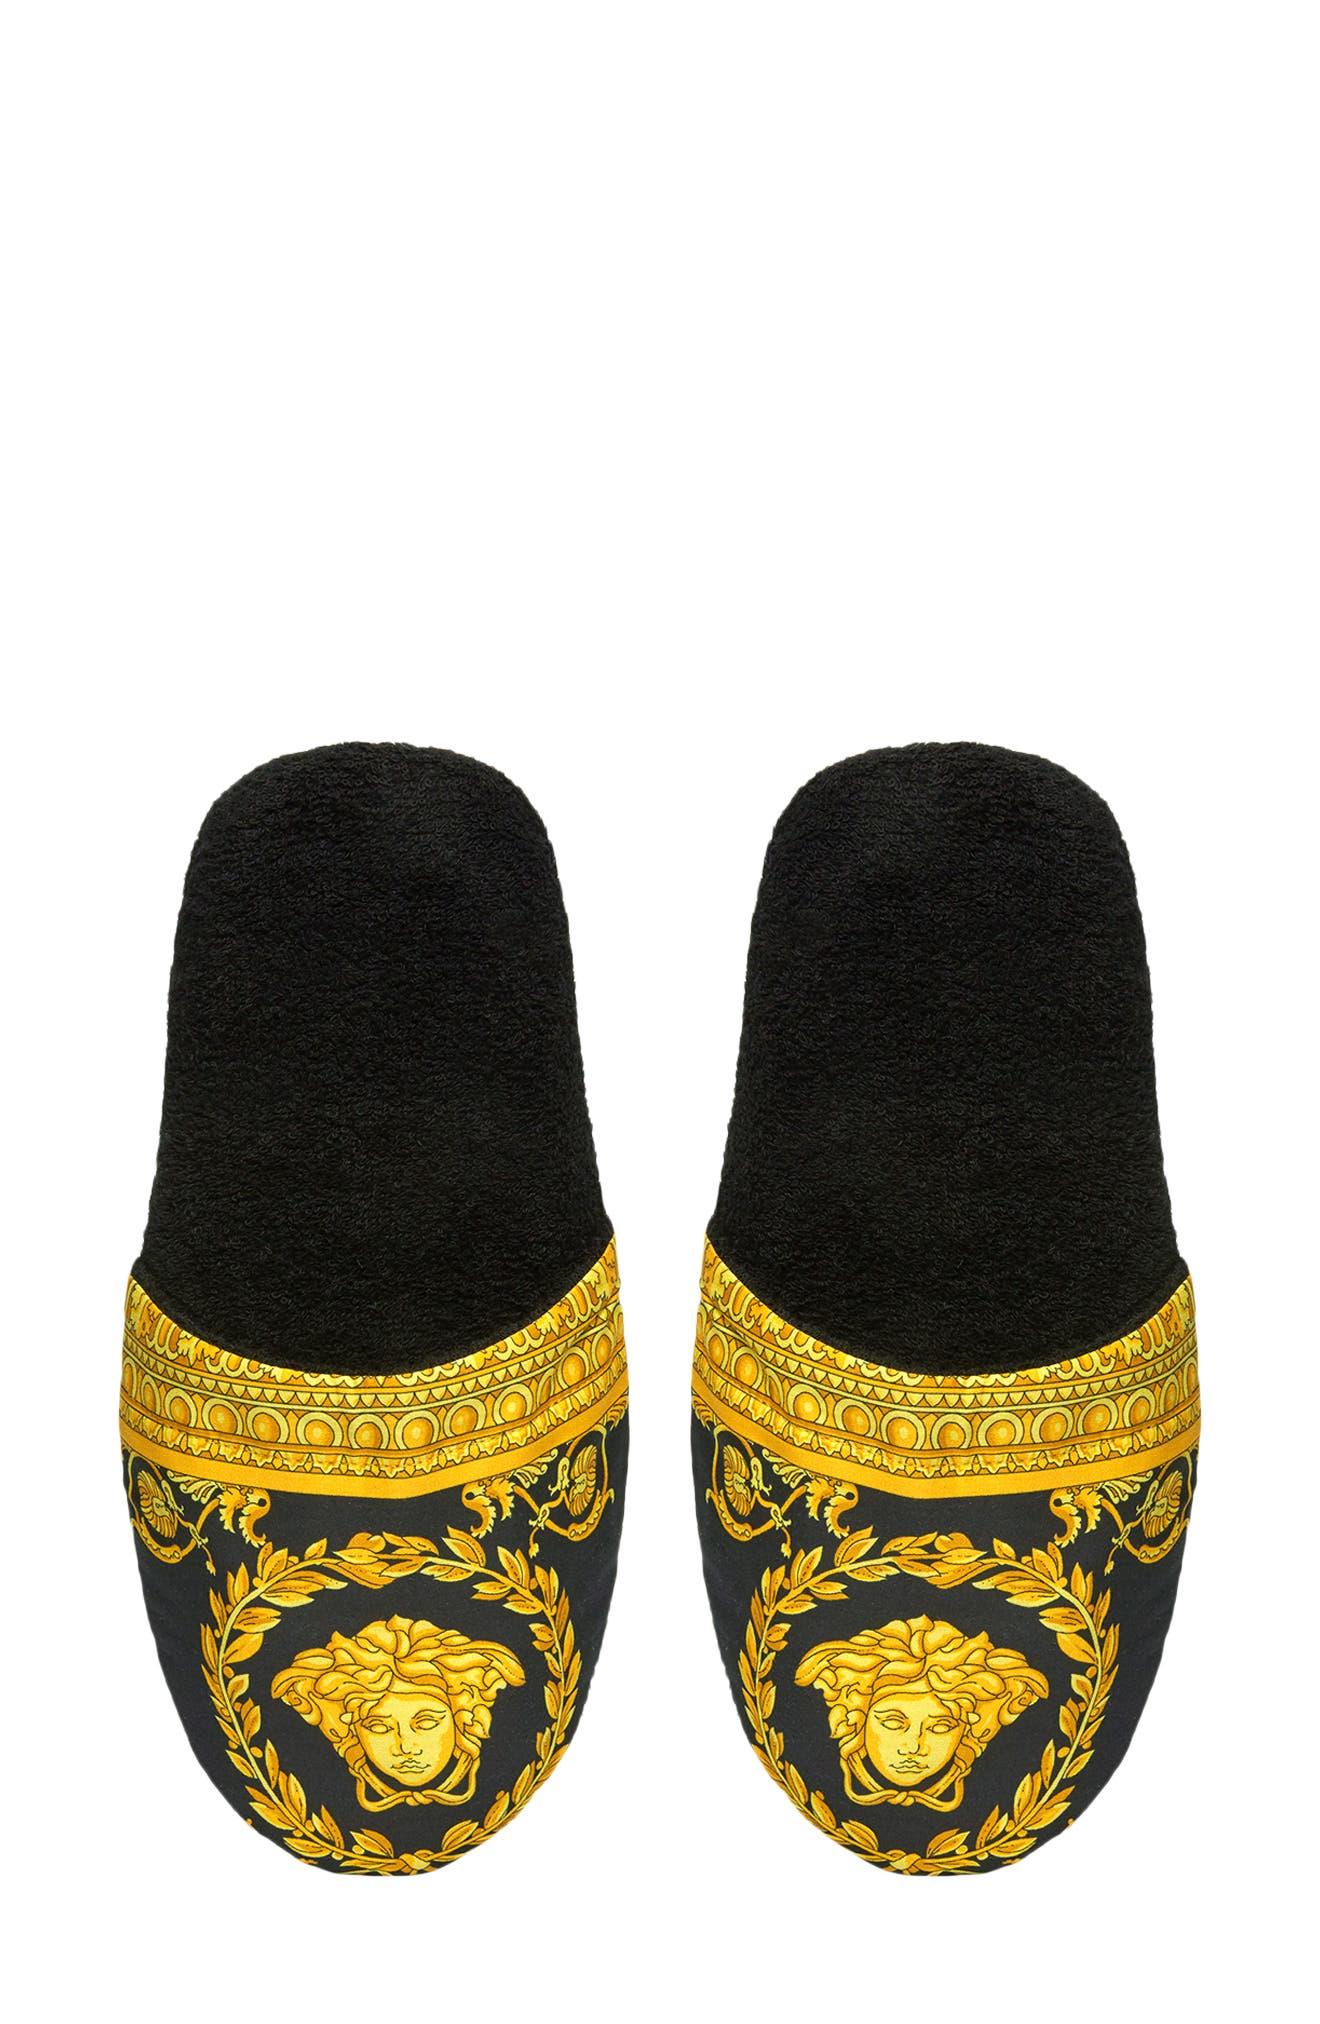 Women's Versace Shoes | Nordstrom